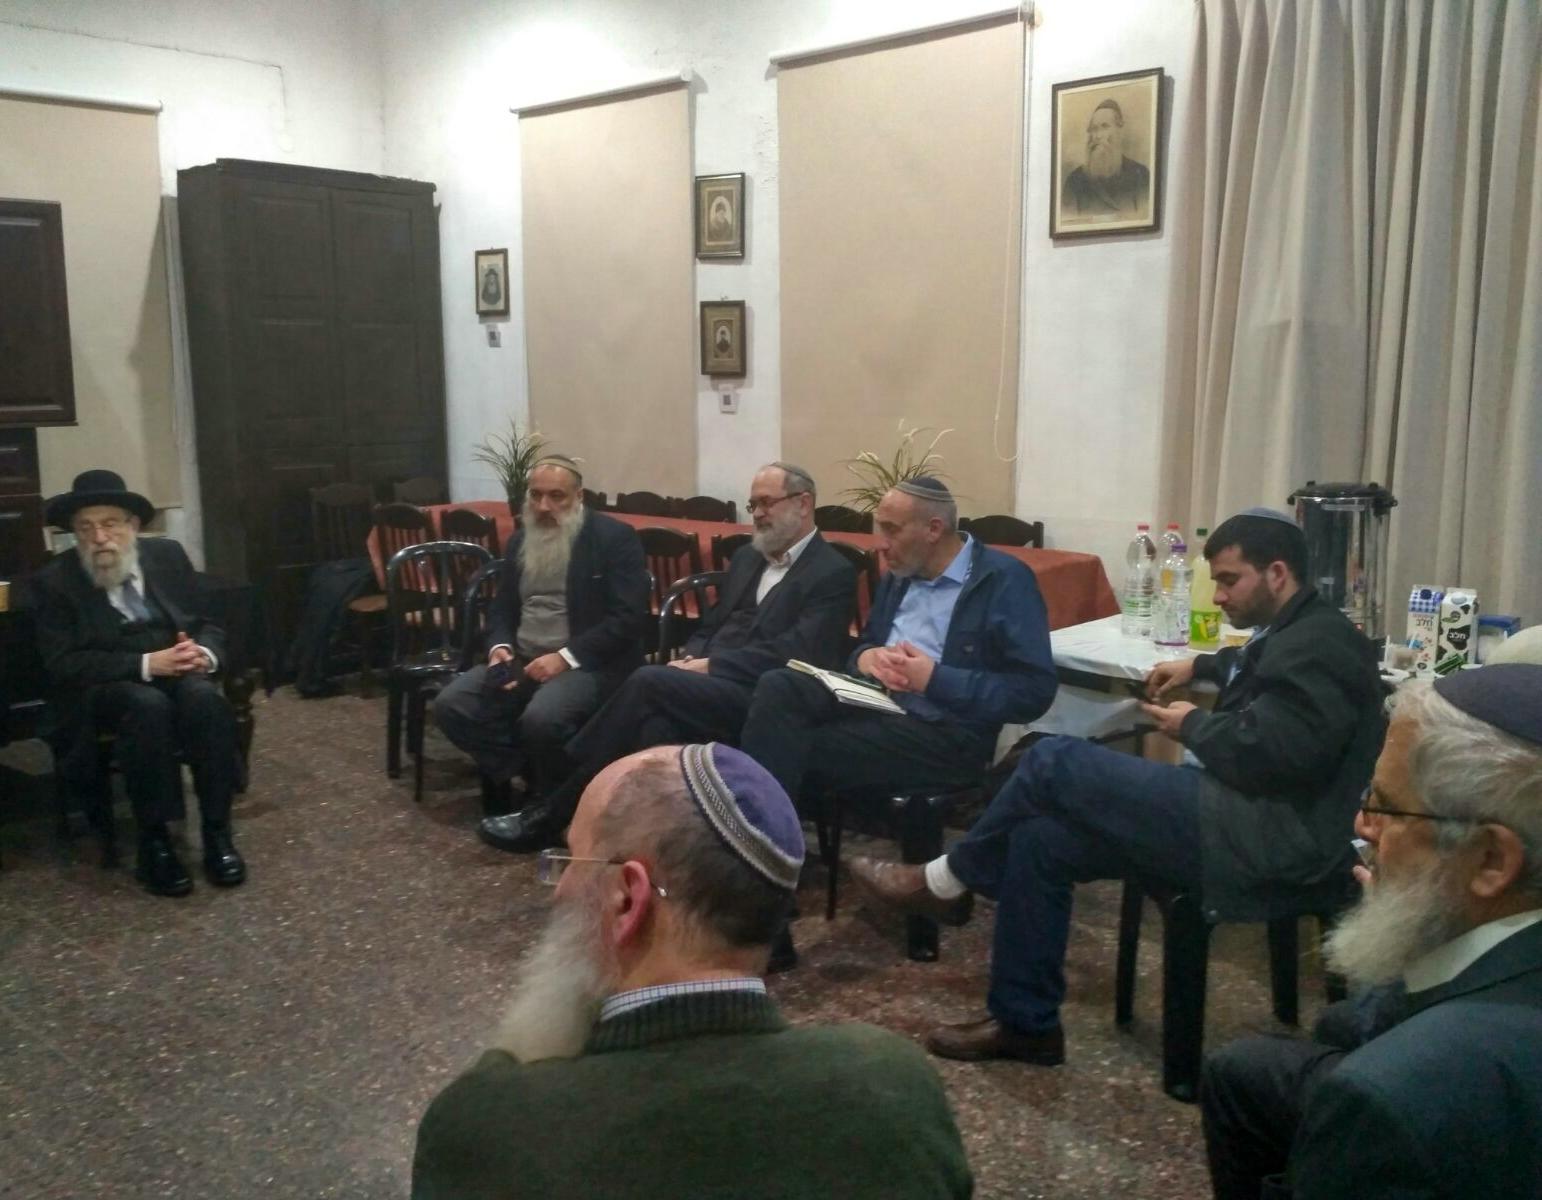 אמירות חריפות במפגש סודי של רבנים דתיים